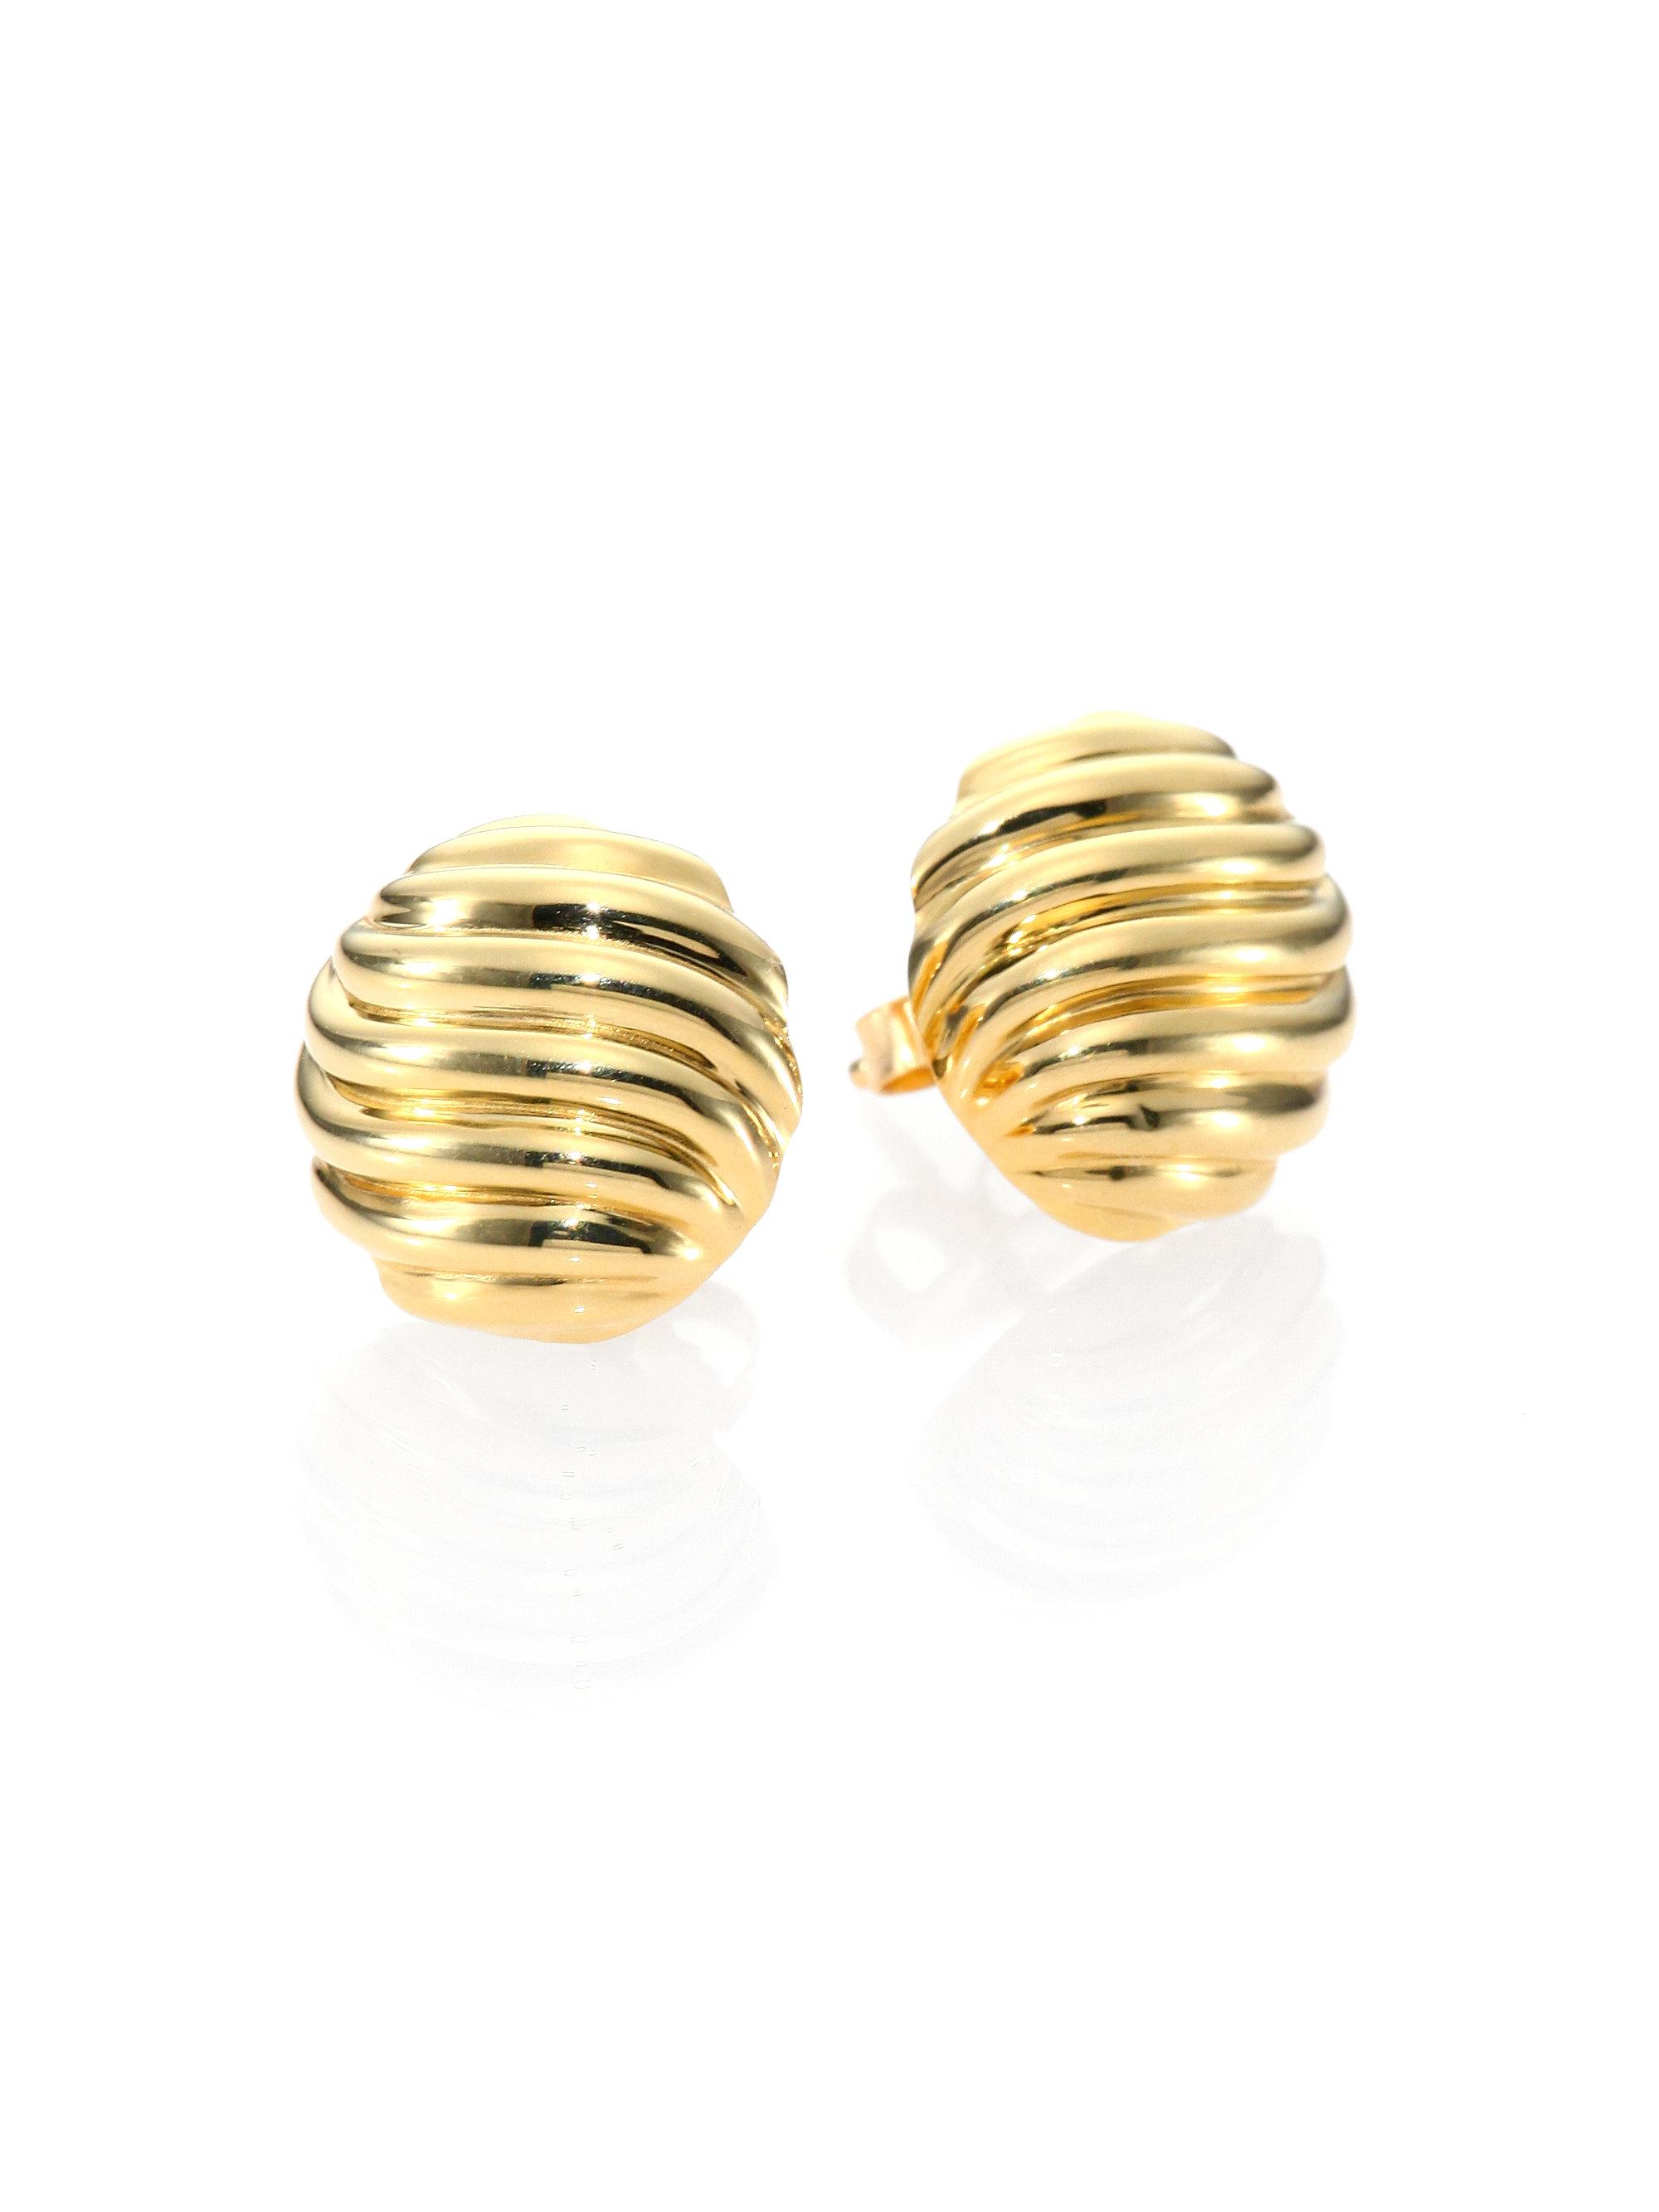 david yurman 18k yellow gold cable stud earrings in gold